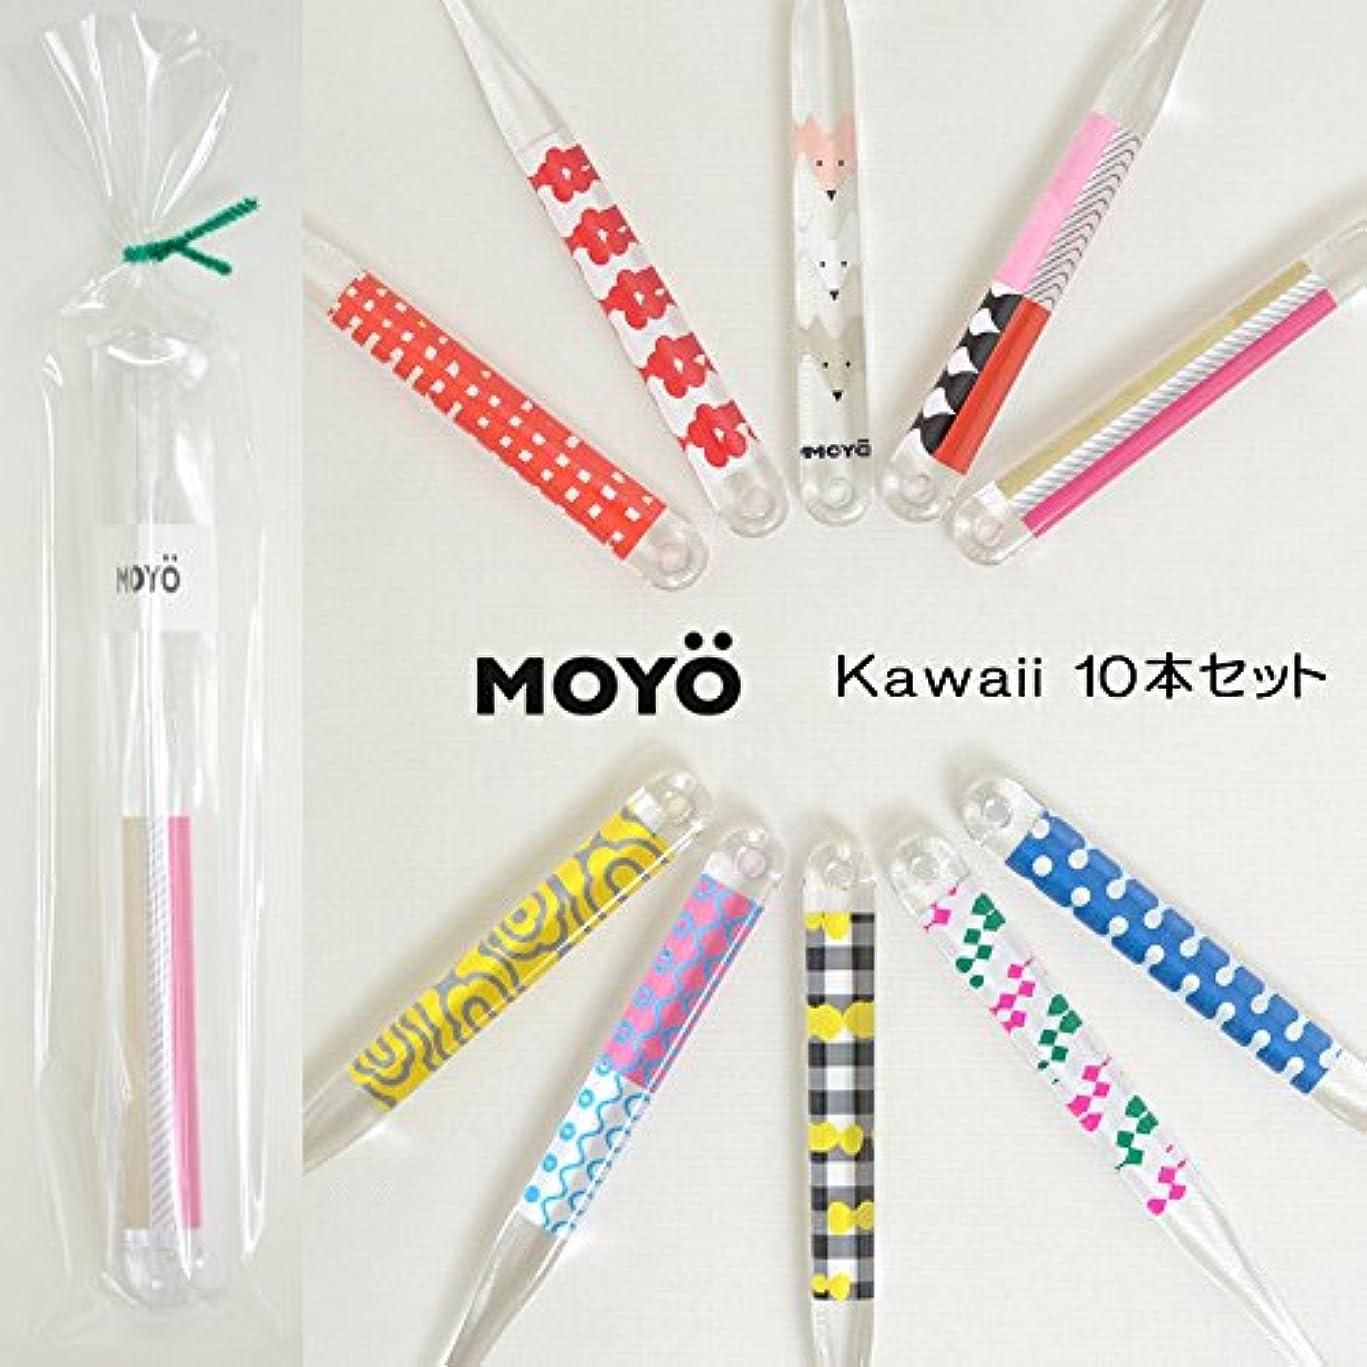 株式国歌方向MOYO モヨウ kawaii10本 プチ ギフト セット_562302-kawaii2 【F】,kawaii10本セット